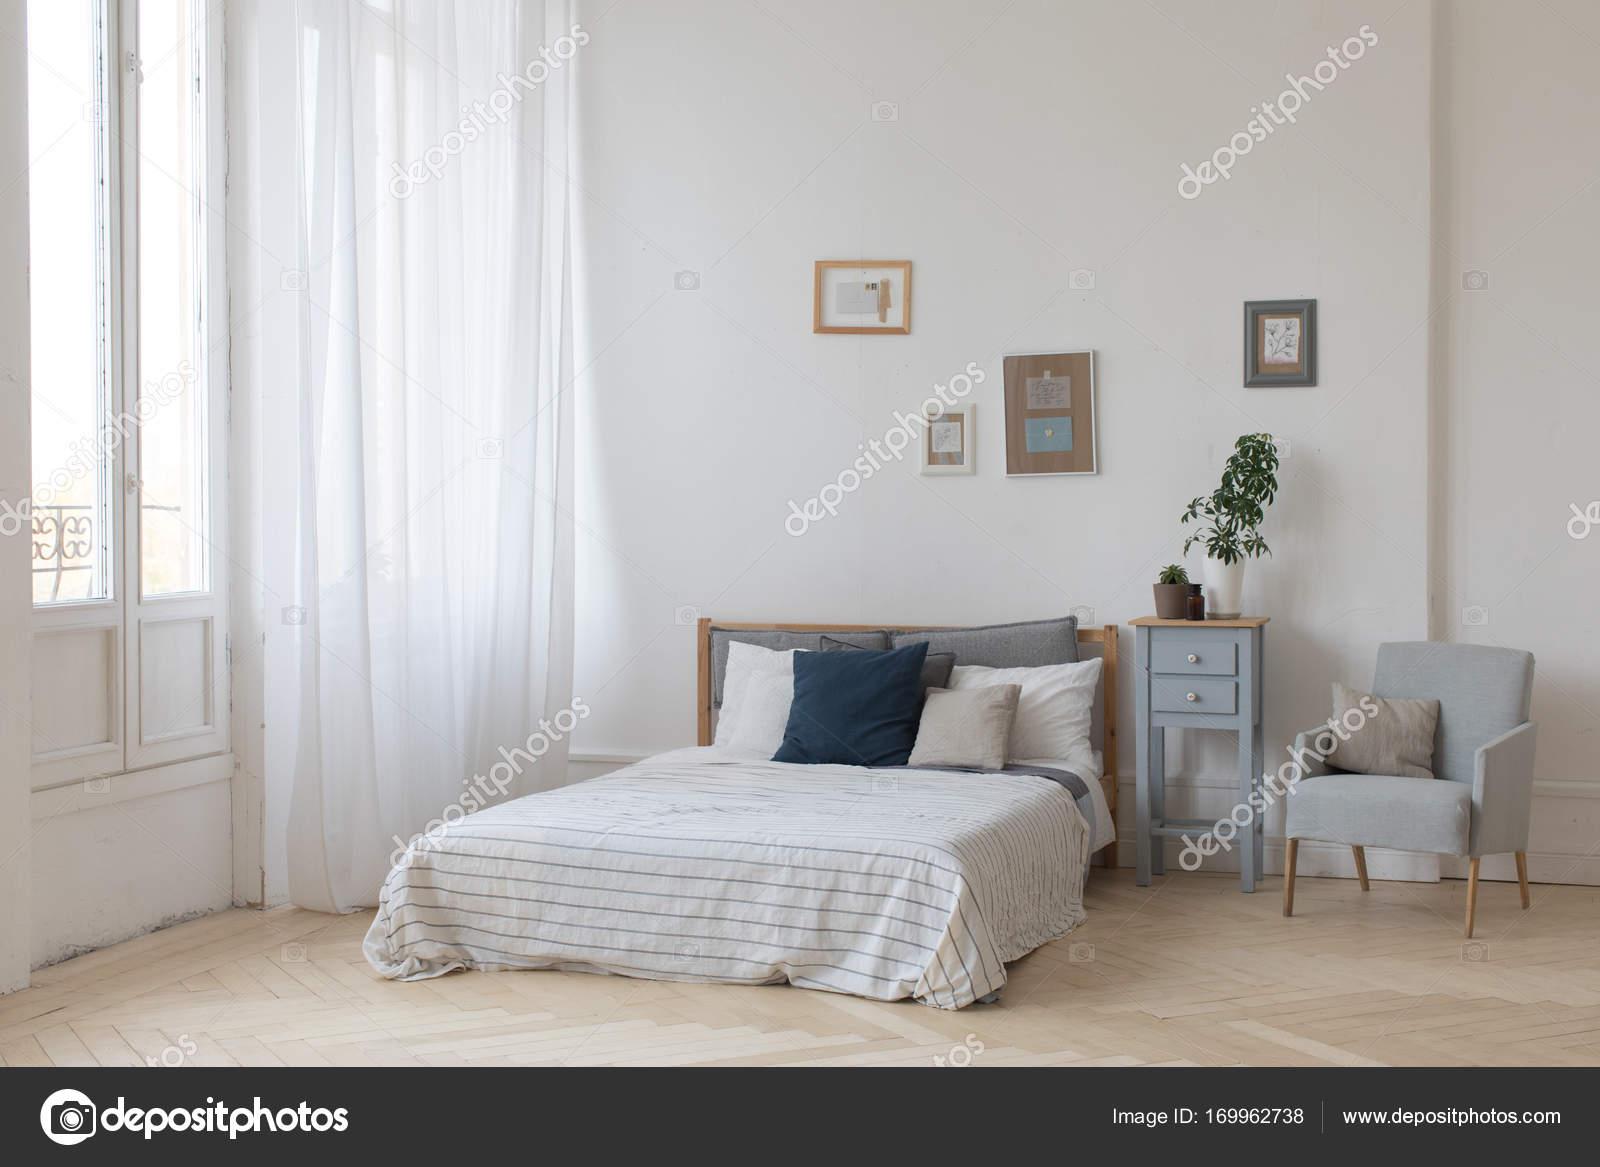 Camera Da Letto Bianco E Grigio : Interno della camera da letto accogliente bianco e grigio u2014 foto